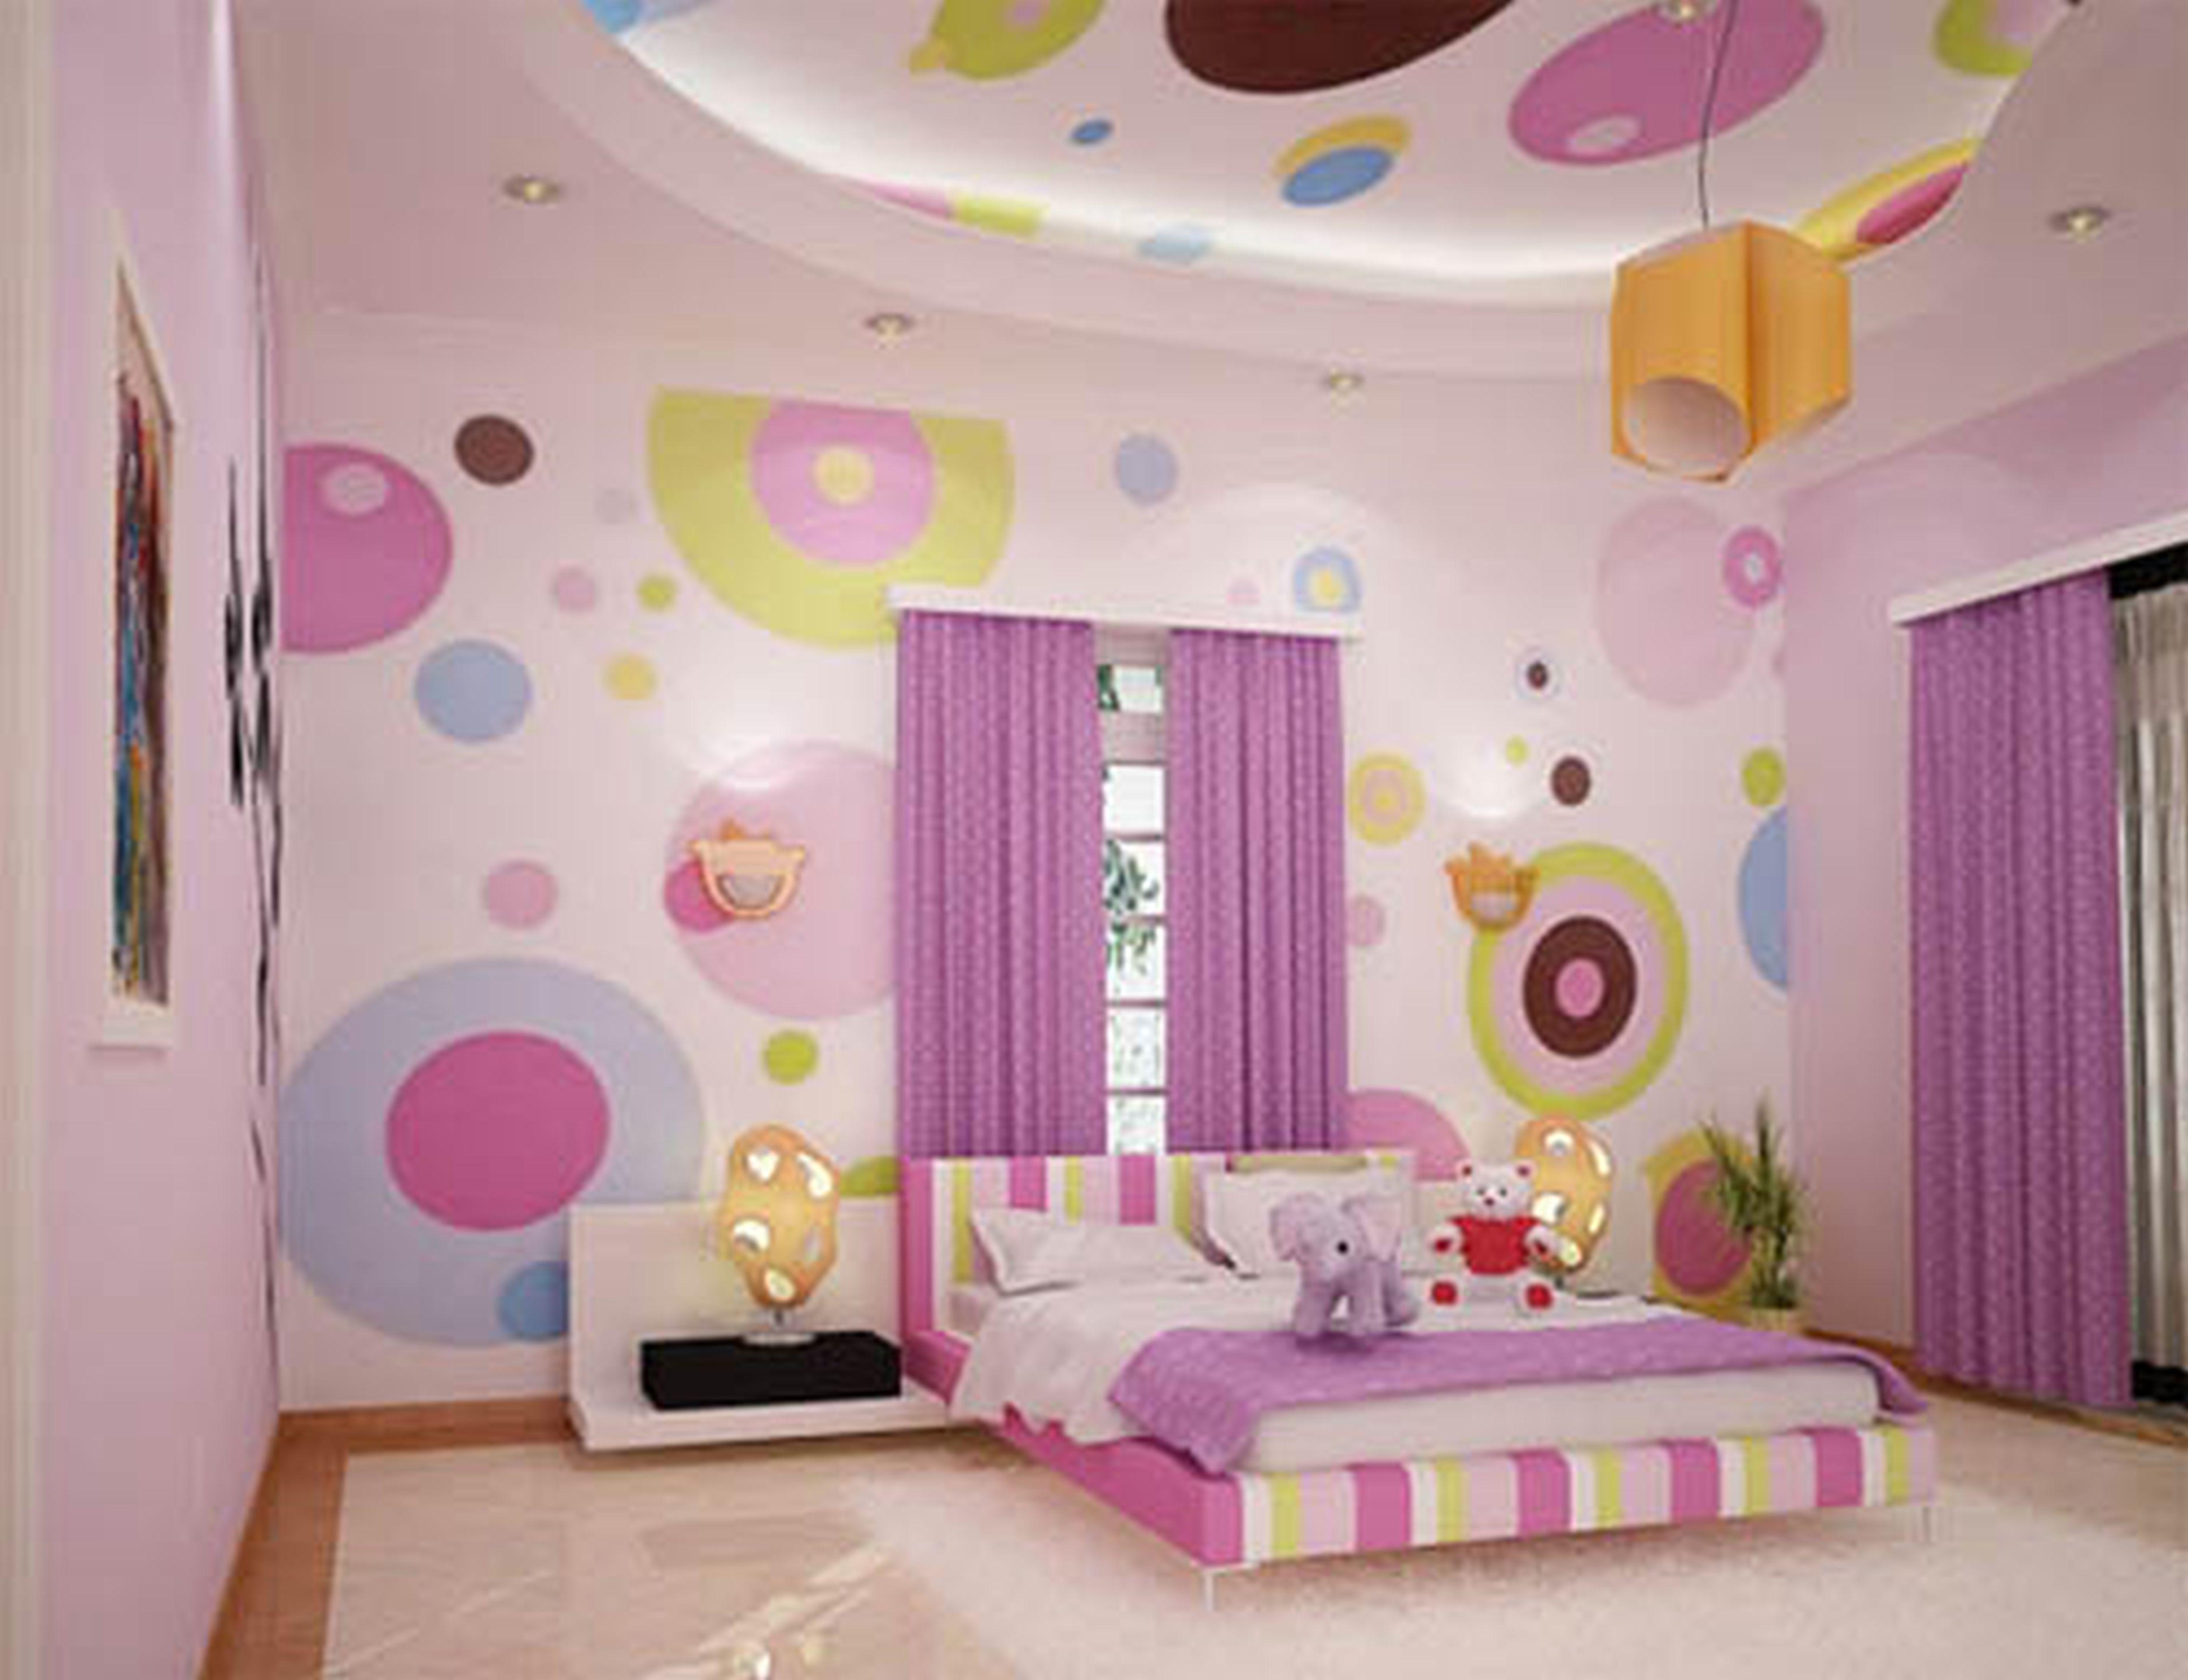 Детская комната для девочки фото интерьер